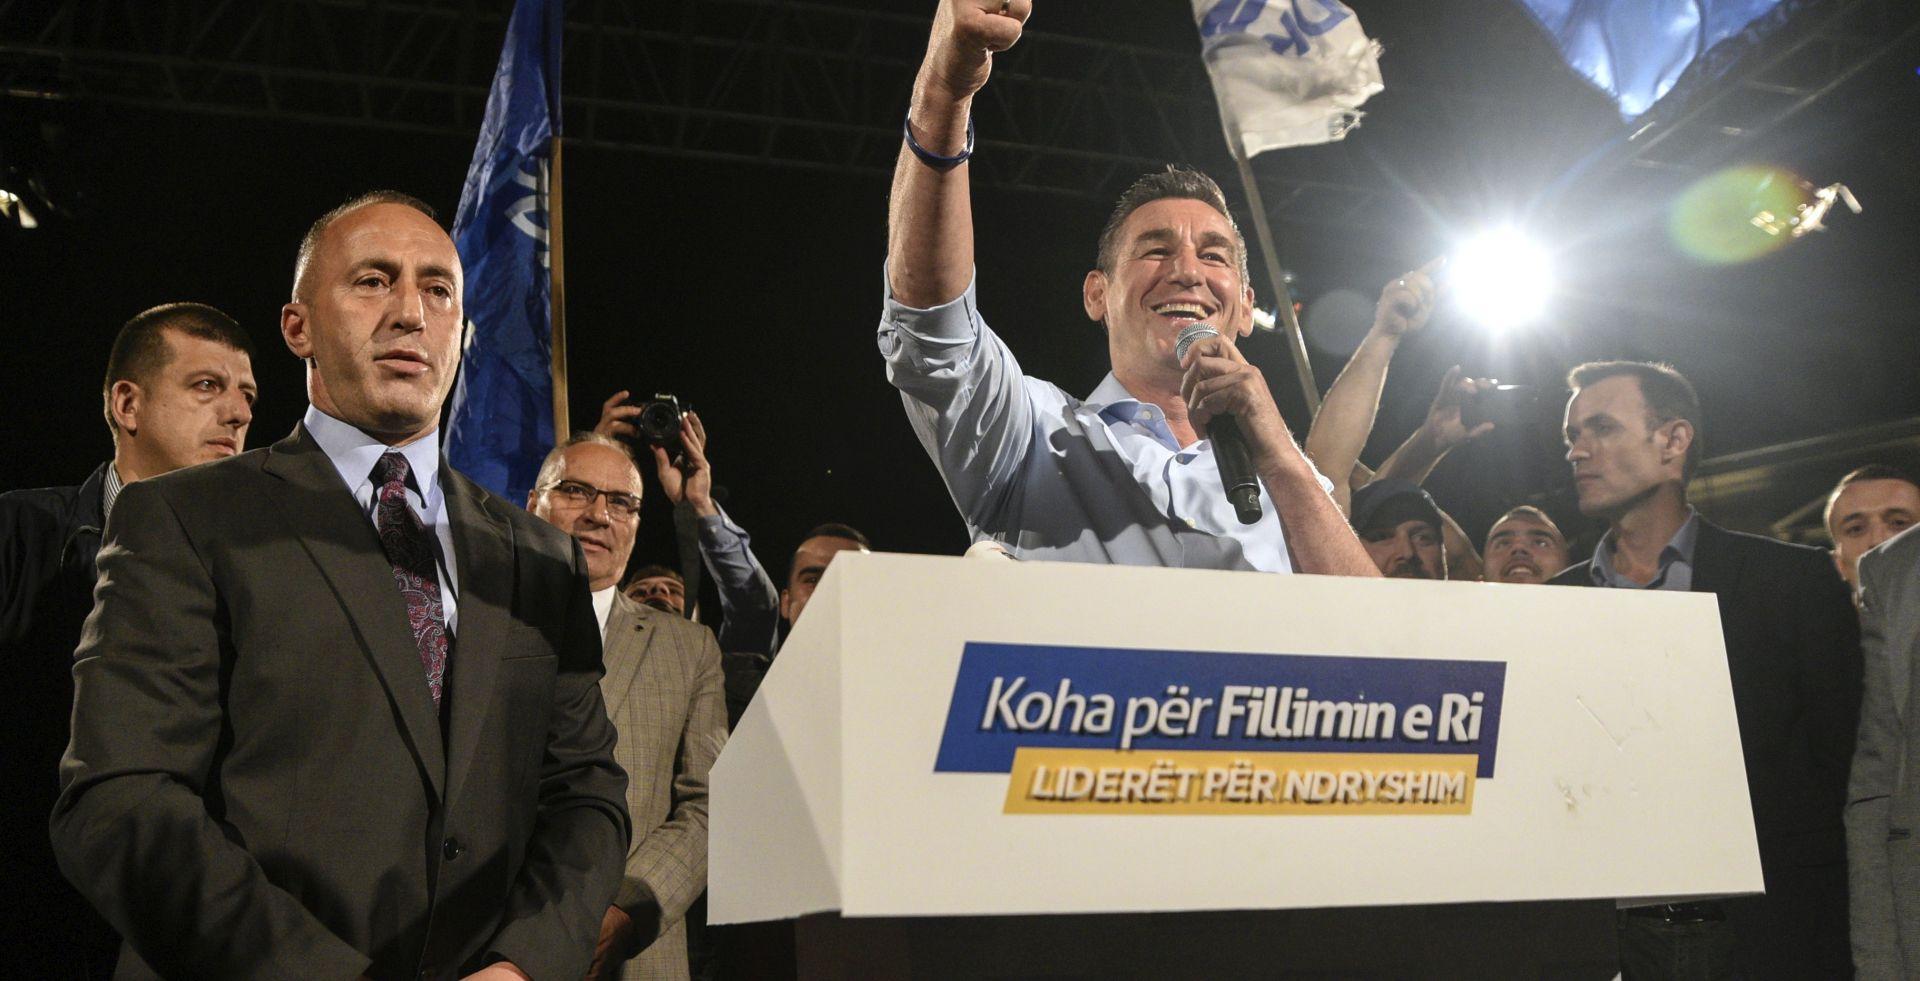 KOSOVO: PDK pobjednik izbora, ali ga čekaju teški koalicijski pregovori